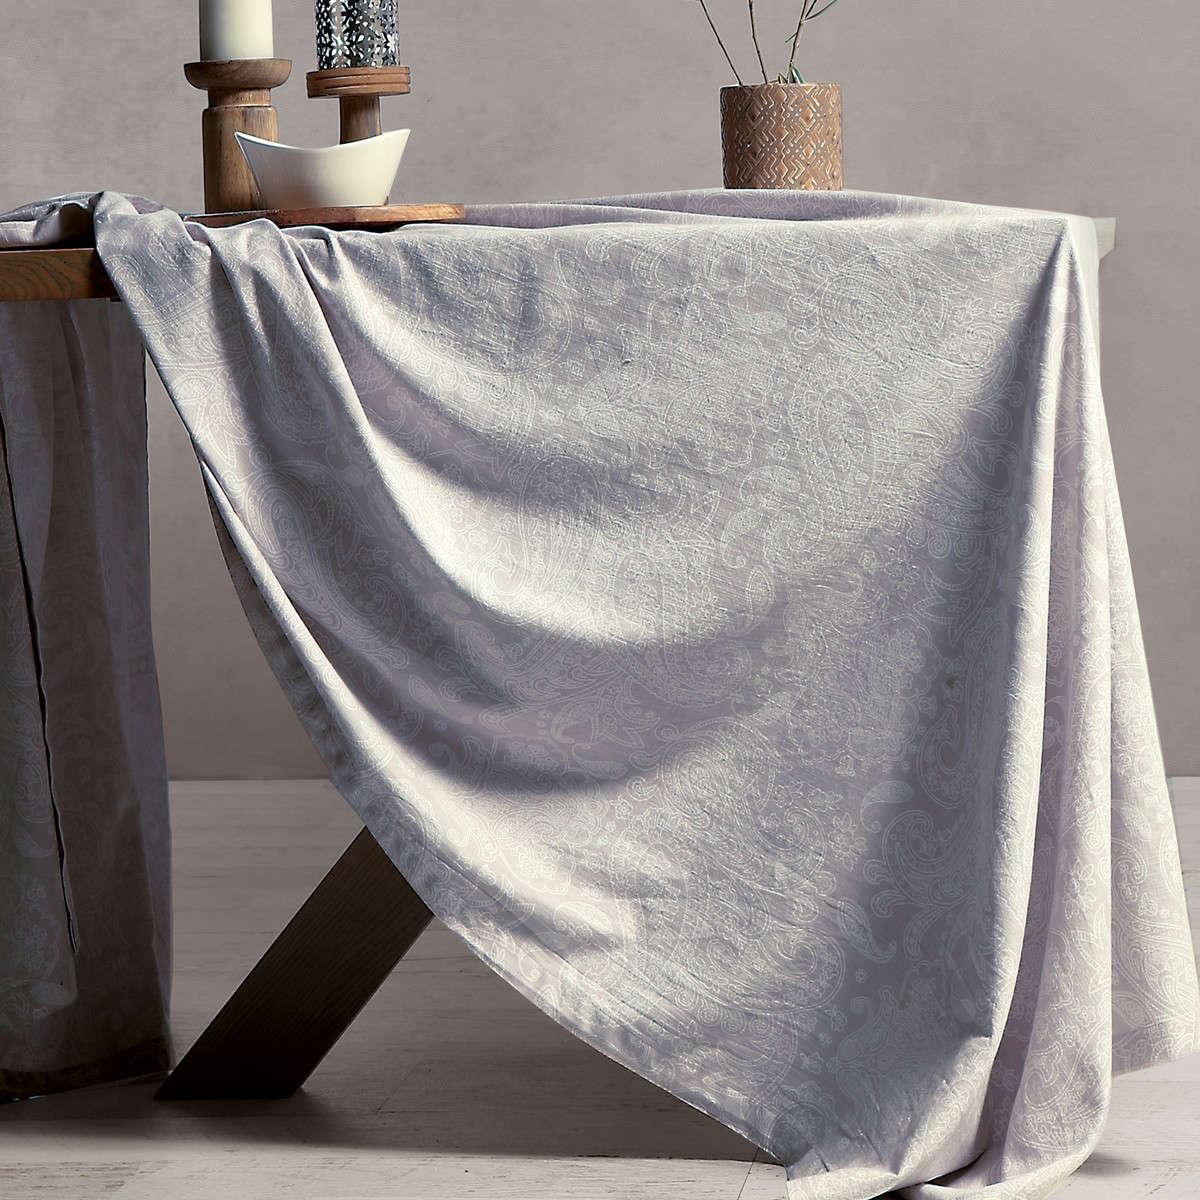 Τραπεζομάντηλο Sairus Light Grey Nef-Nef 150X250 150x250cm